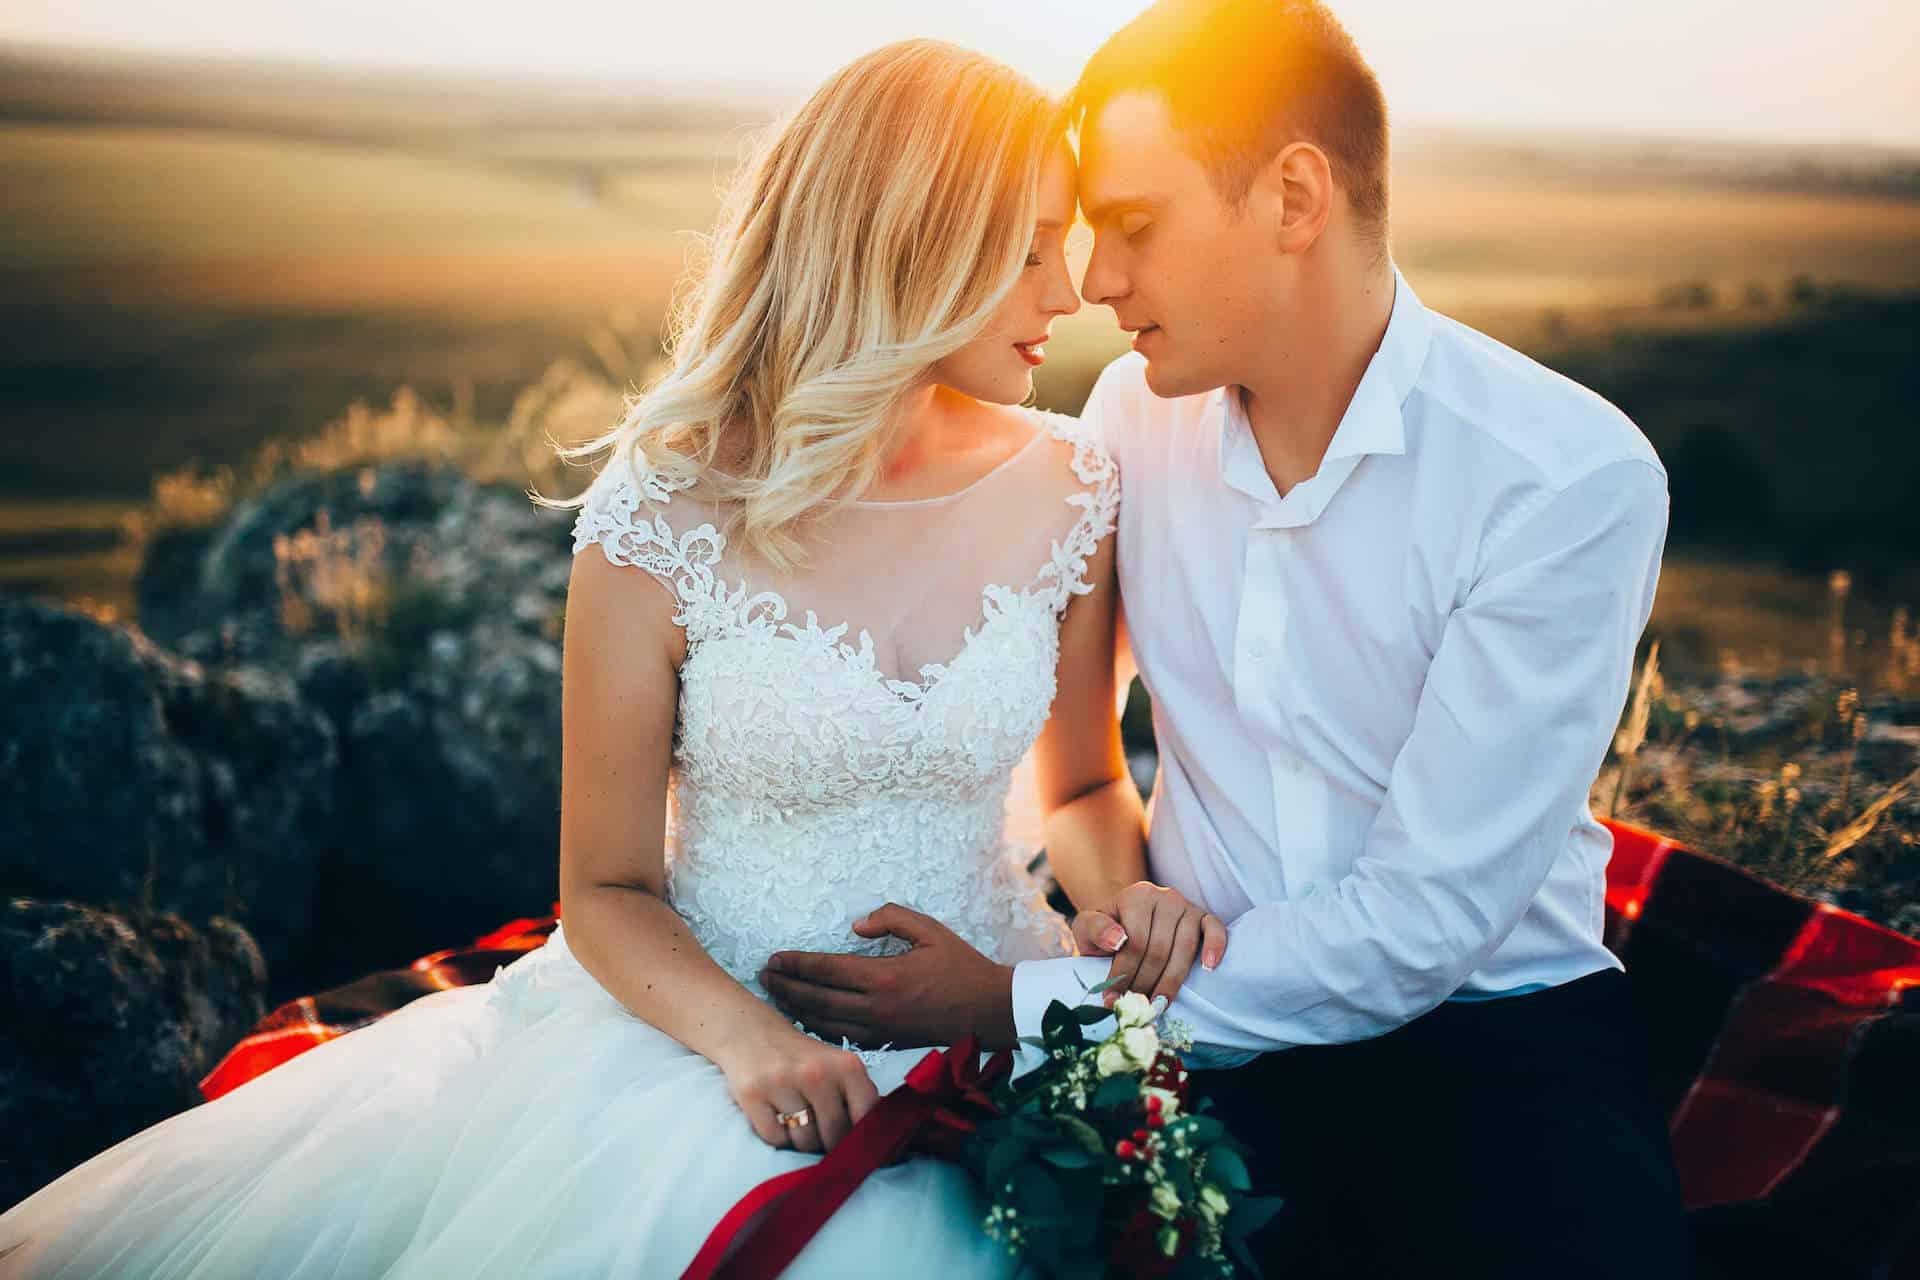 Krásný novomanželský pár zalitý sluncem